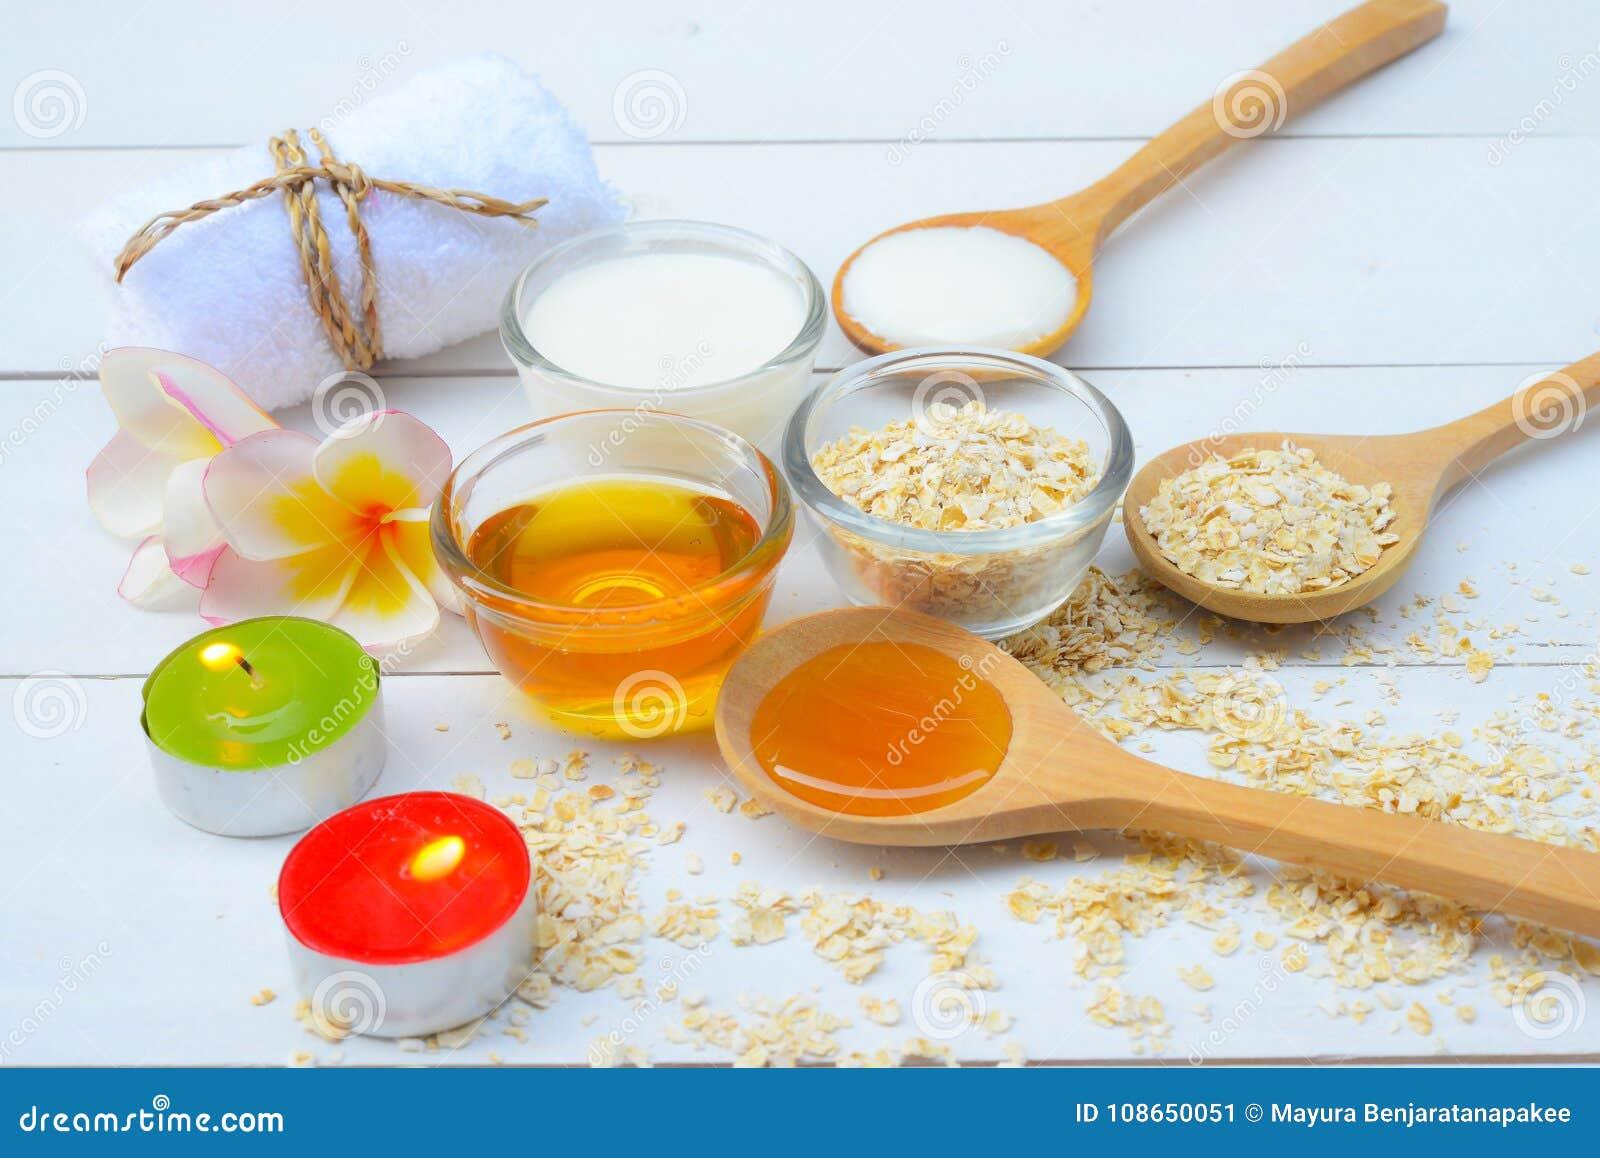 Naturalni składniki dla Domowej roboty ciało twarzy Szorują owsa jogurt i miód tła piękna błękitny pojęcia zbiornika kosmetyczny